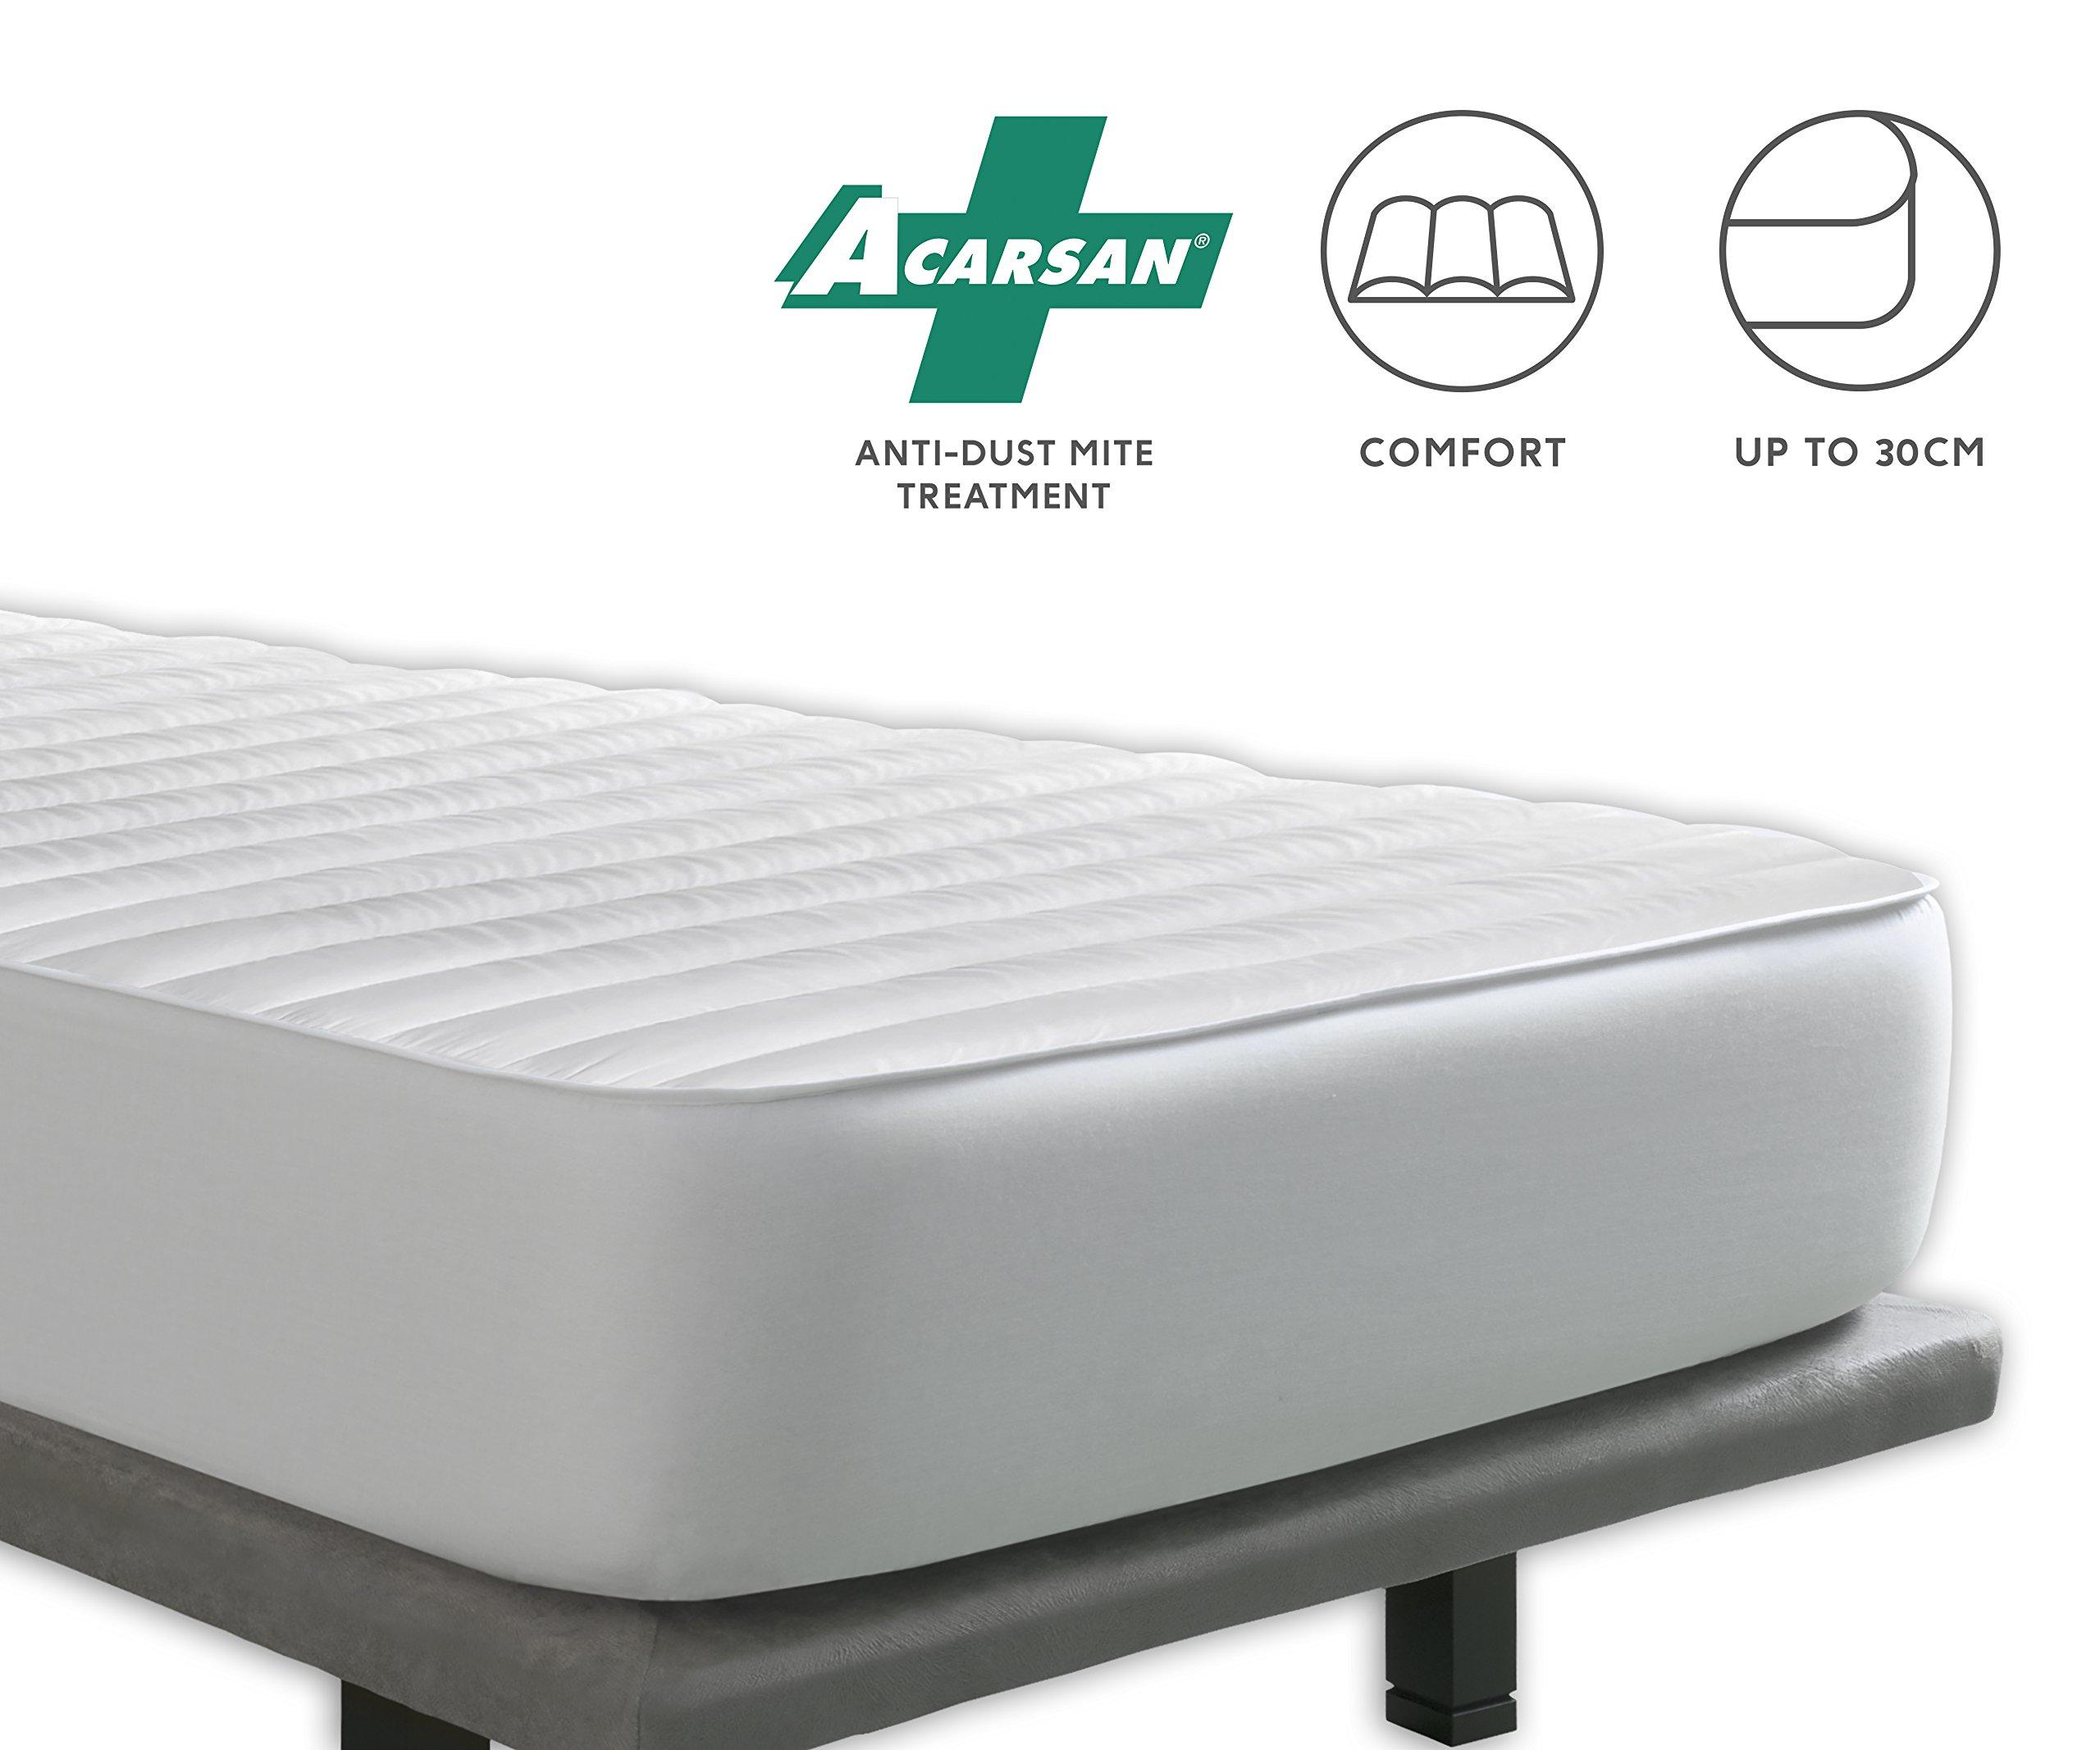 Tural – Cubrecolchón Antiácaros Reversible - Protector de colchón Acolchado. Talla 80x200cm